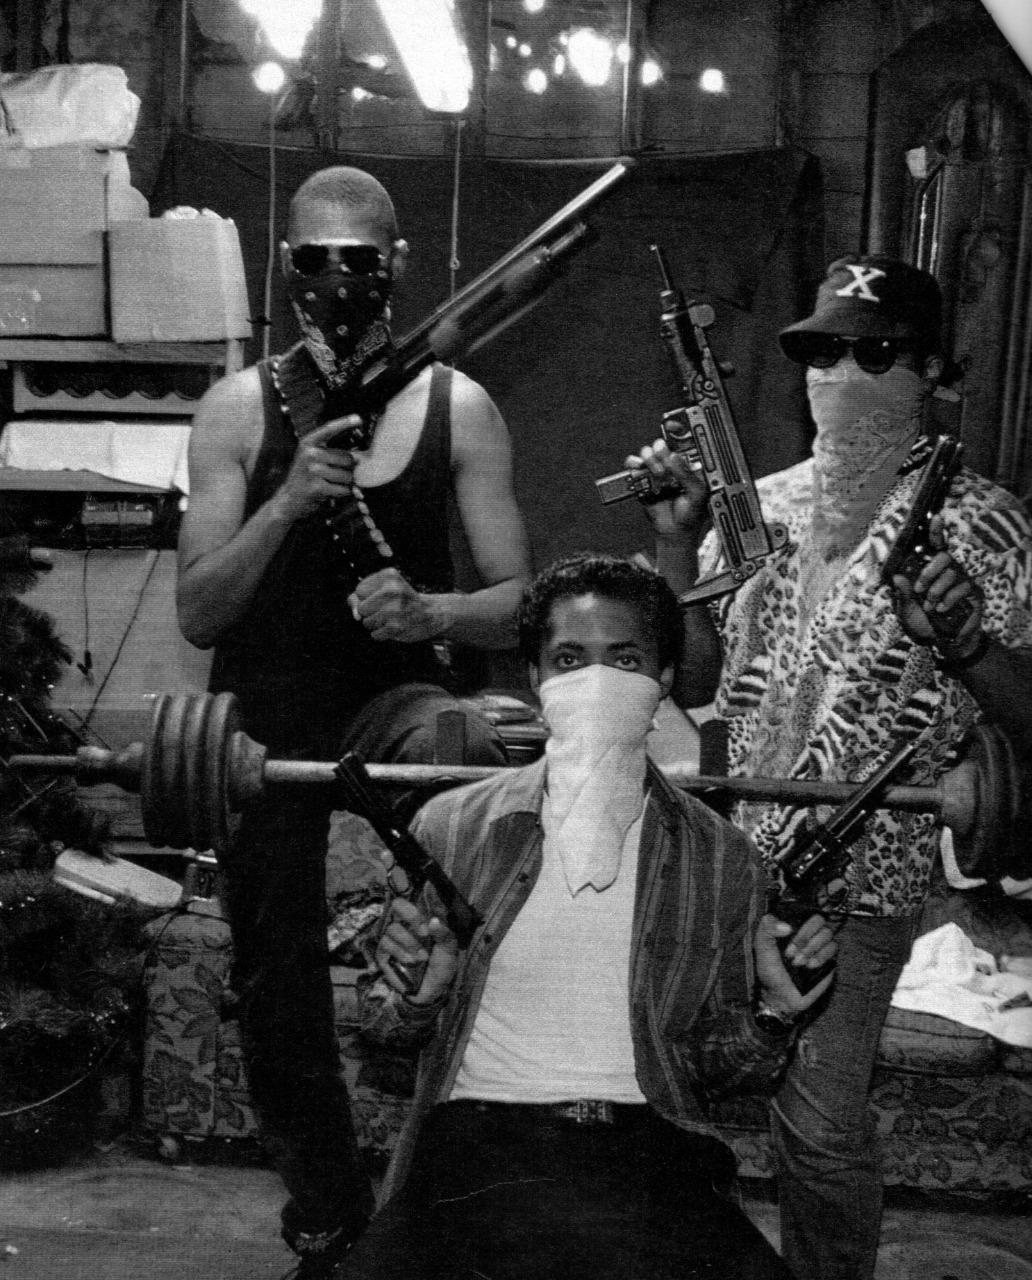 Las pandillas que operan en Centroamérica trasladan entre el 60 y 90 por ciento de la cocaína que entra ilegalmente en Estados Unidos.